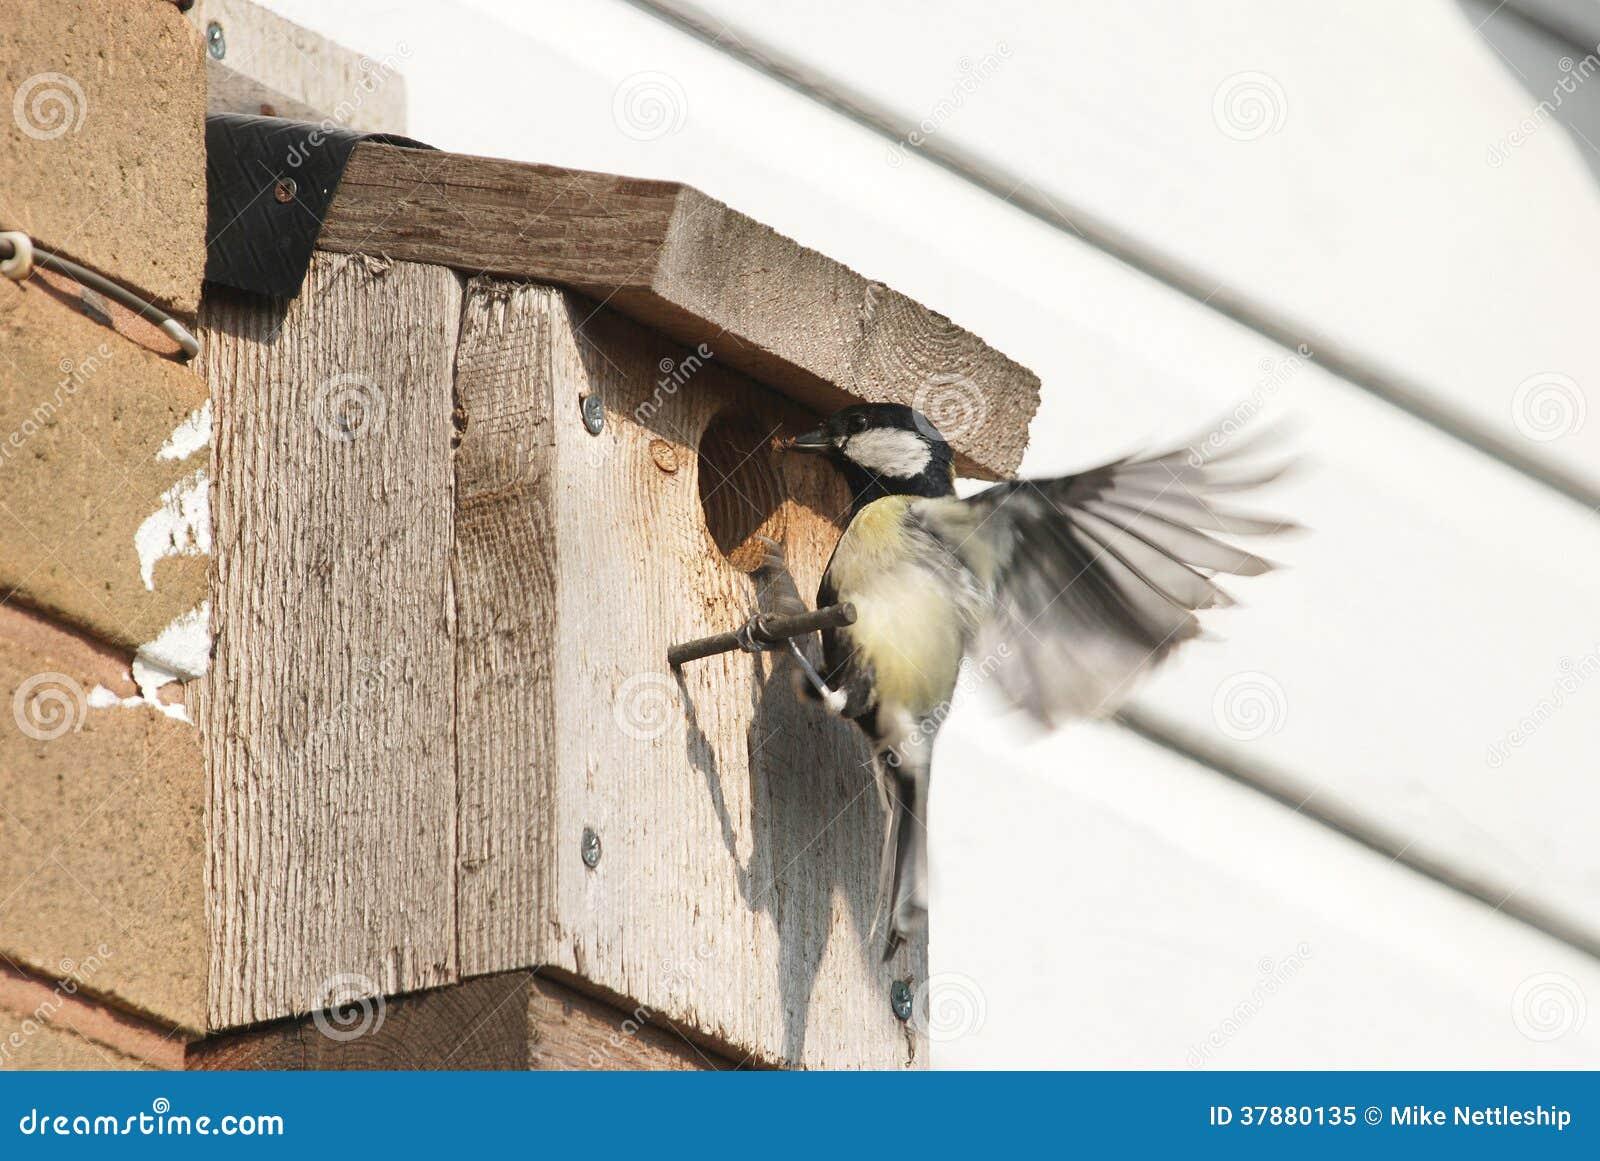 Koolmees voedende kuikens in nestkastje